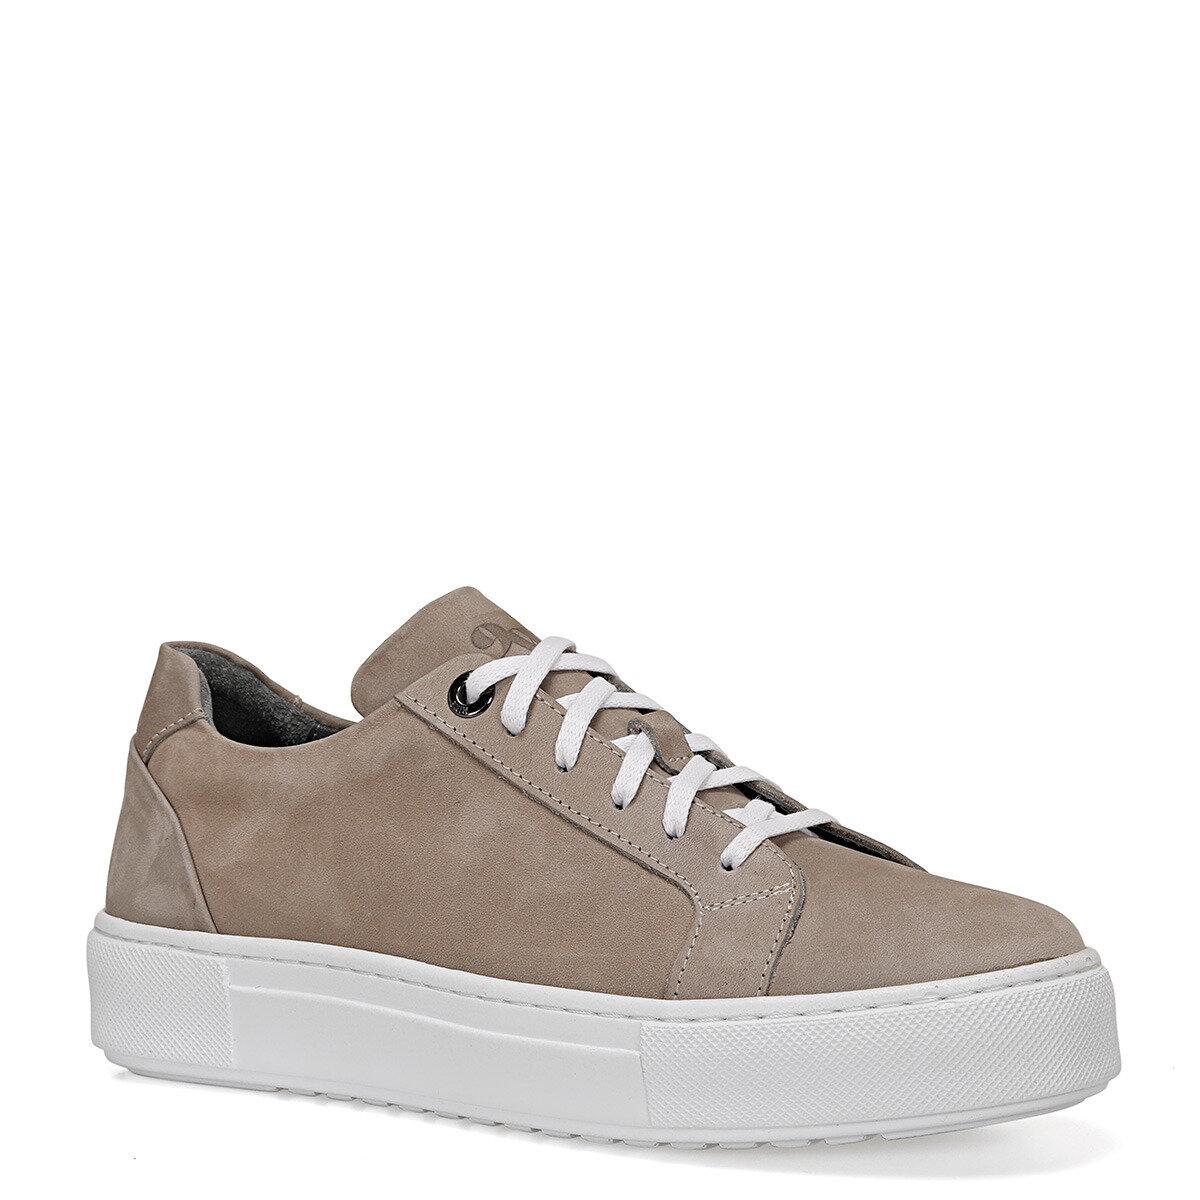 SADINN Vizon Kadın Sneaker Ayakkabı